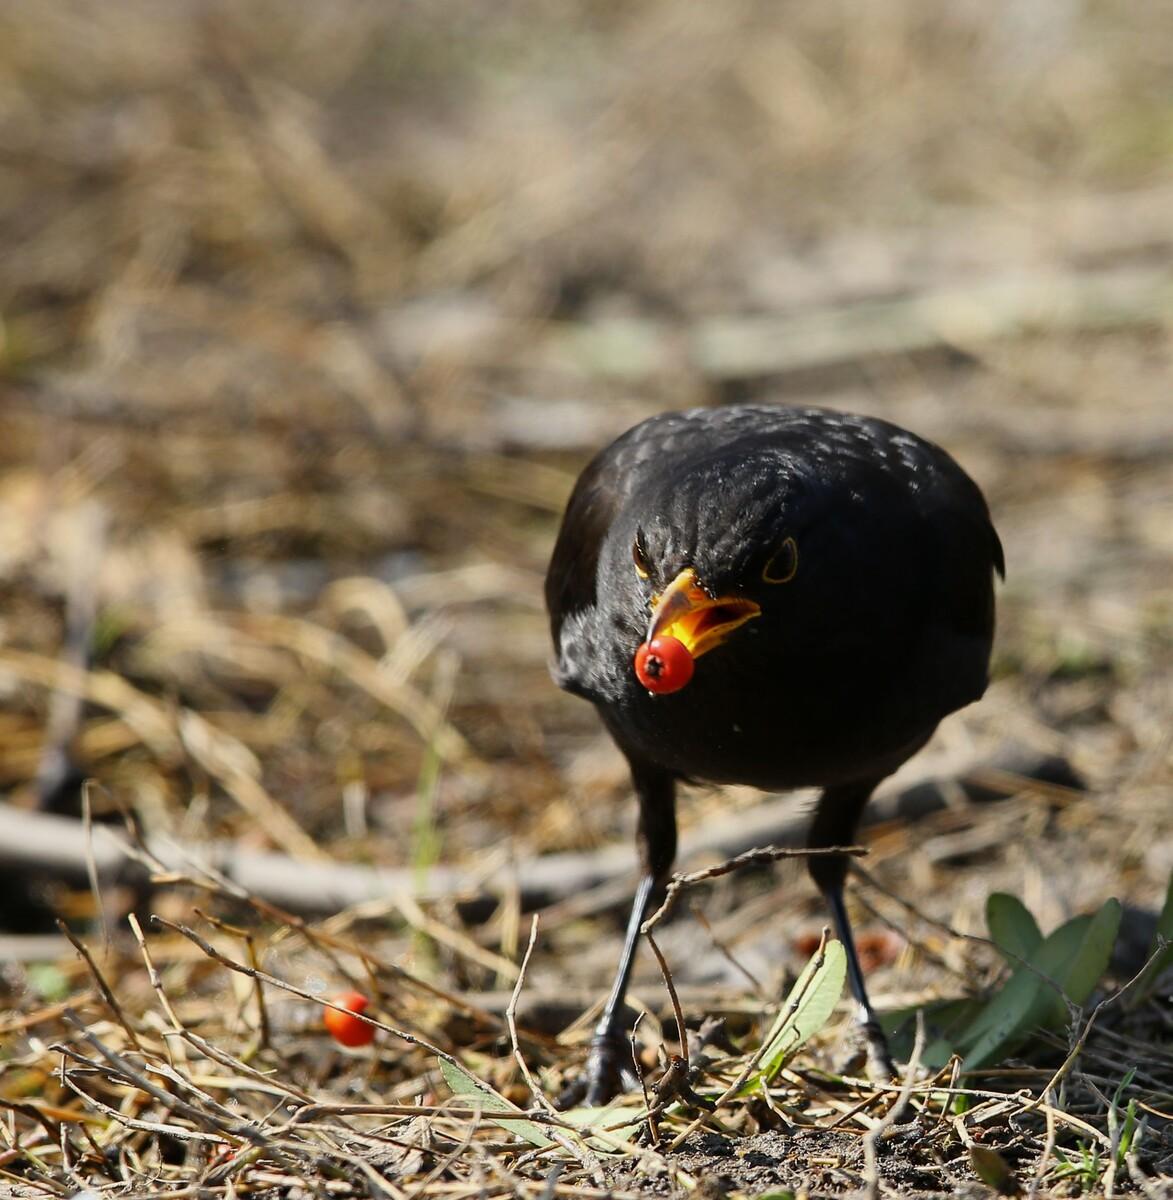 瑞典国鸟-鸟鸫 - 浦东老沈 - 图虫摄影网